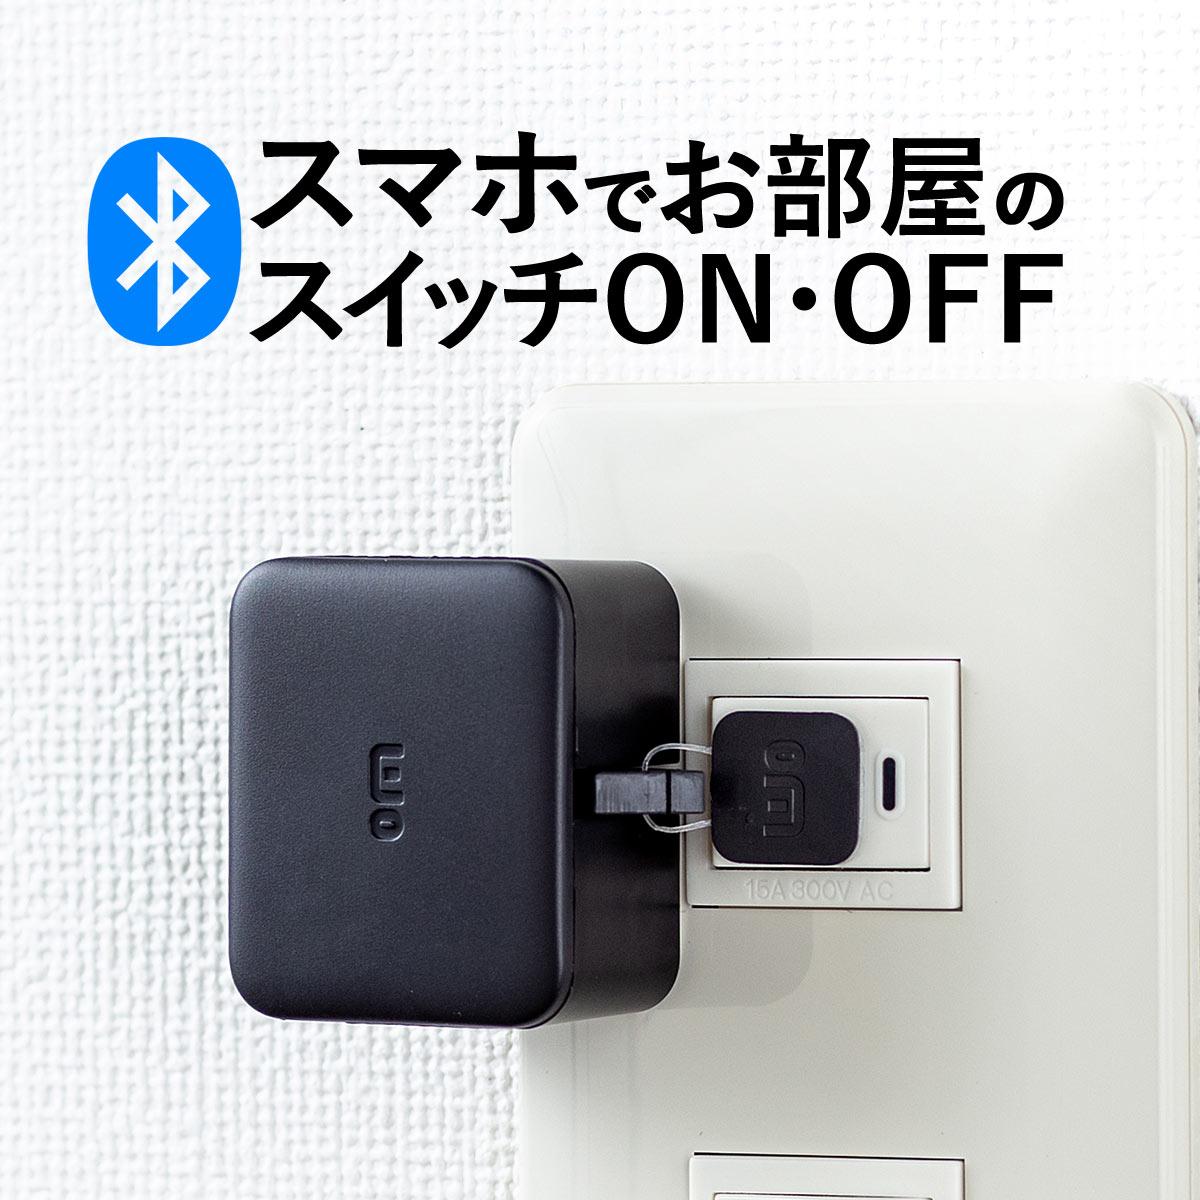 SwitchBot ワイヤレススイッチロボット ブラック/ホワイト 壁電気スイッチ操作 アプリ連携[400-RC005]【サンワダイレクト限定品】【送料無料】